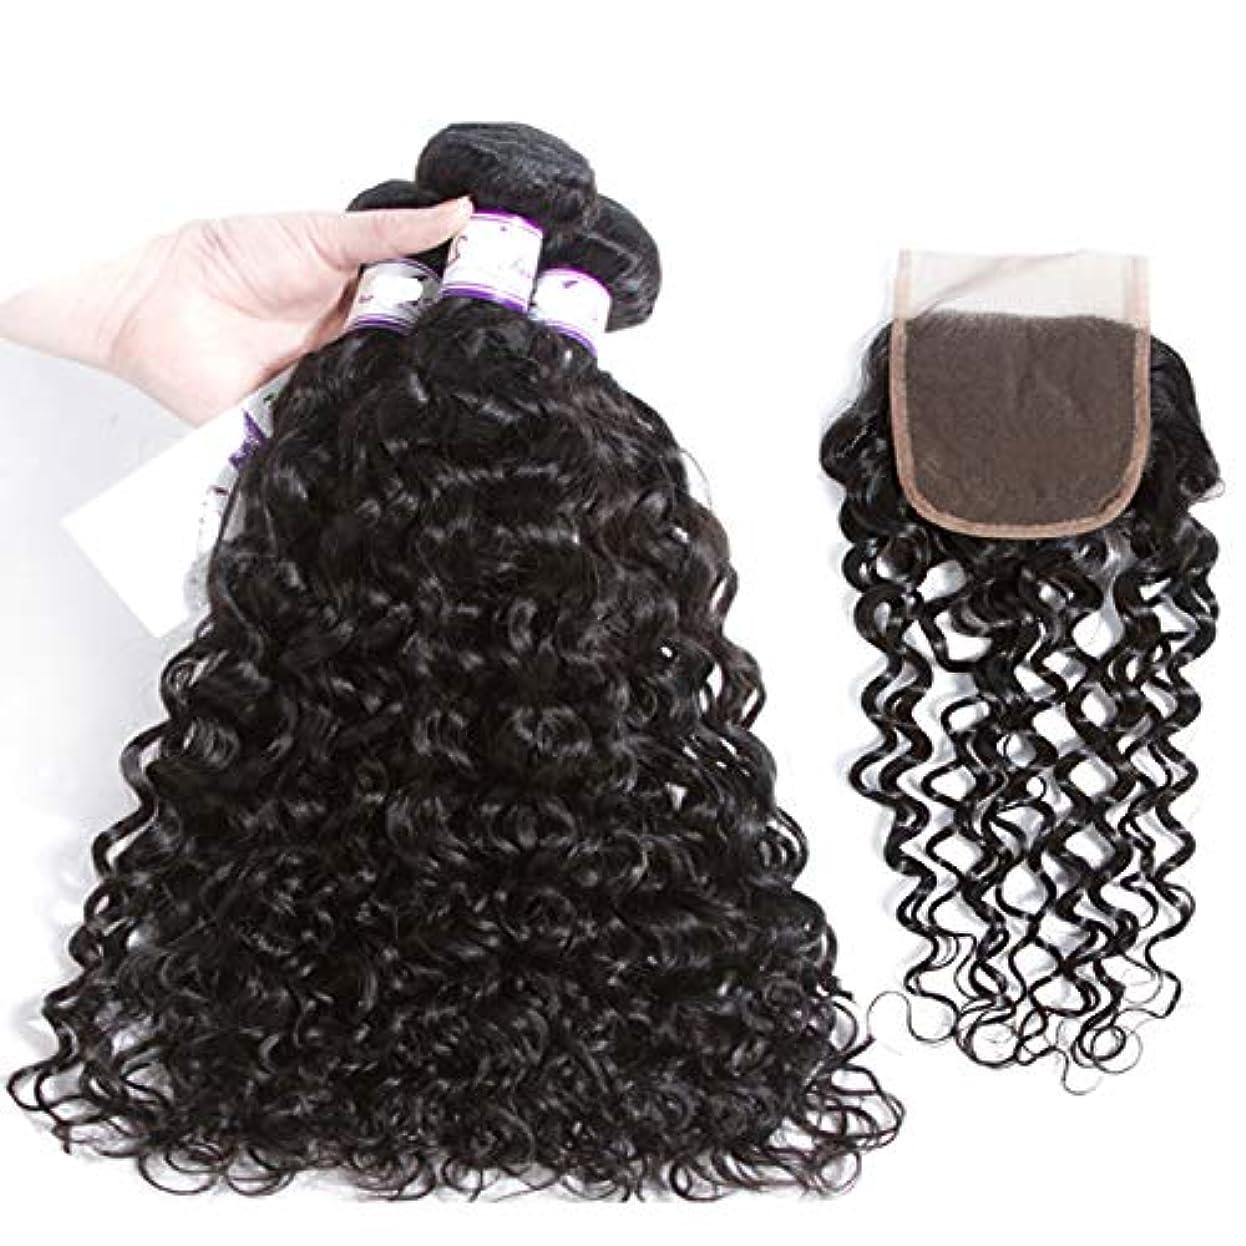 五十損なう直接マレーシア水波4 * 4閉鎖人間の髪の毛の束閉鎖人間の髪の毛の織り方 (Length : 22 24 24 Cl18, Part Design : FREE PART)